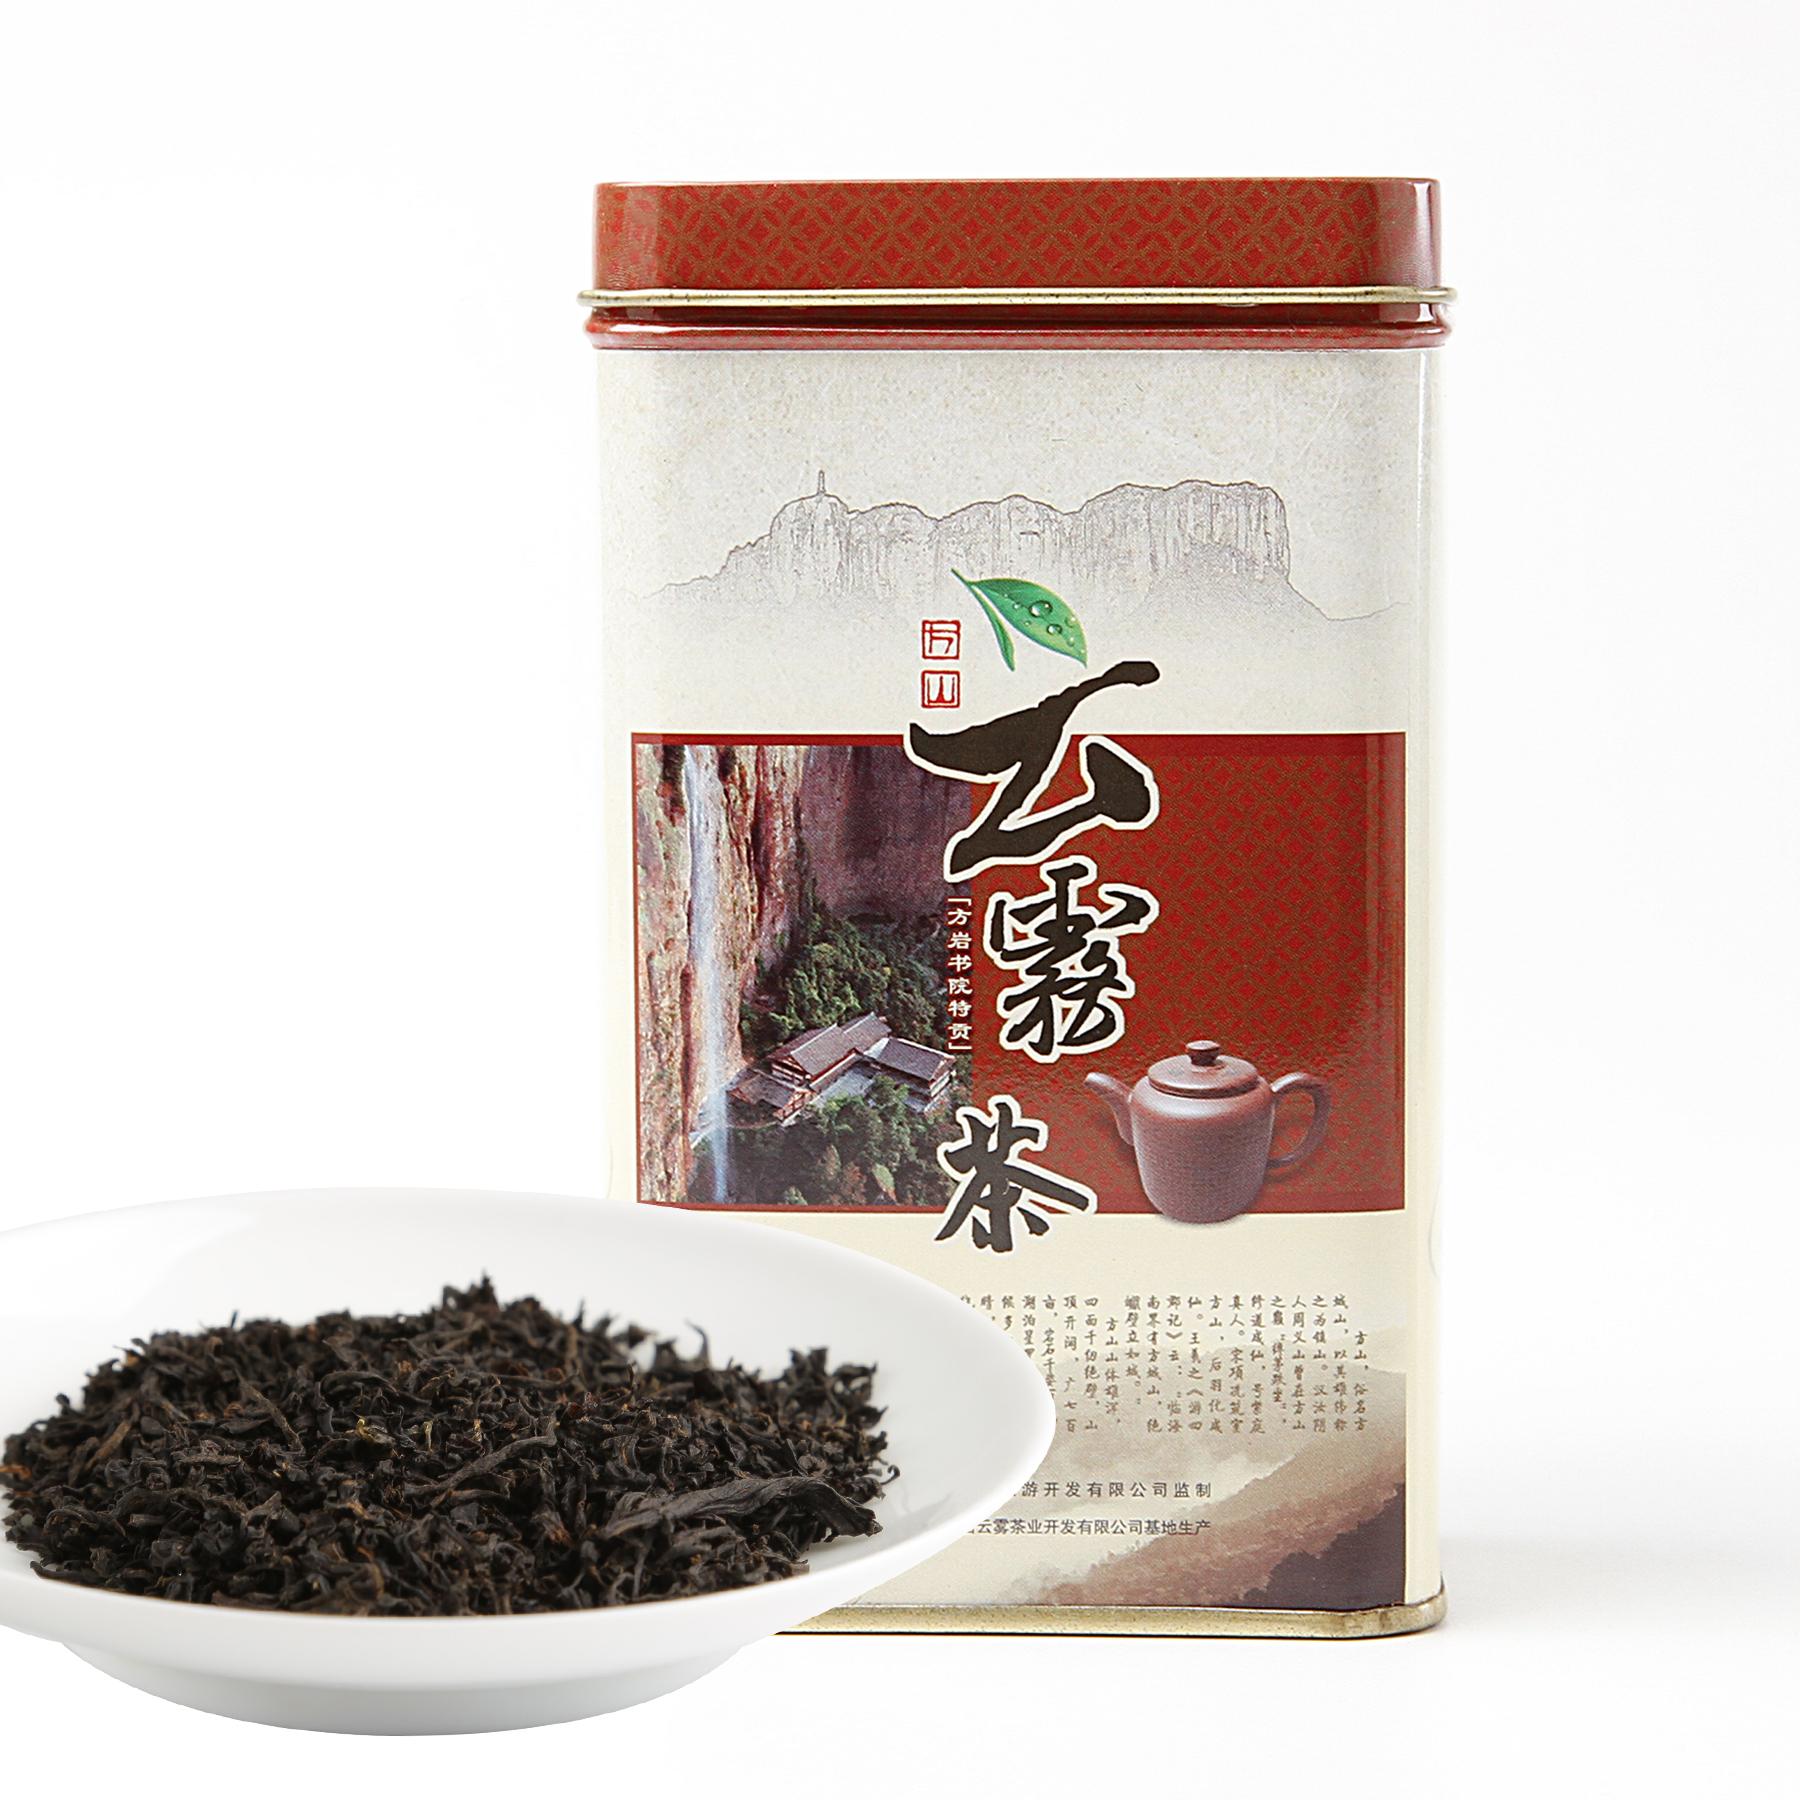 方山云雾茶(2017)红茶价格472元/斤